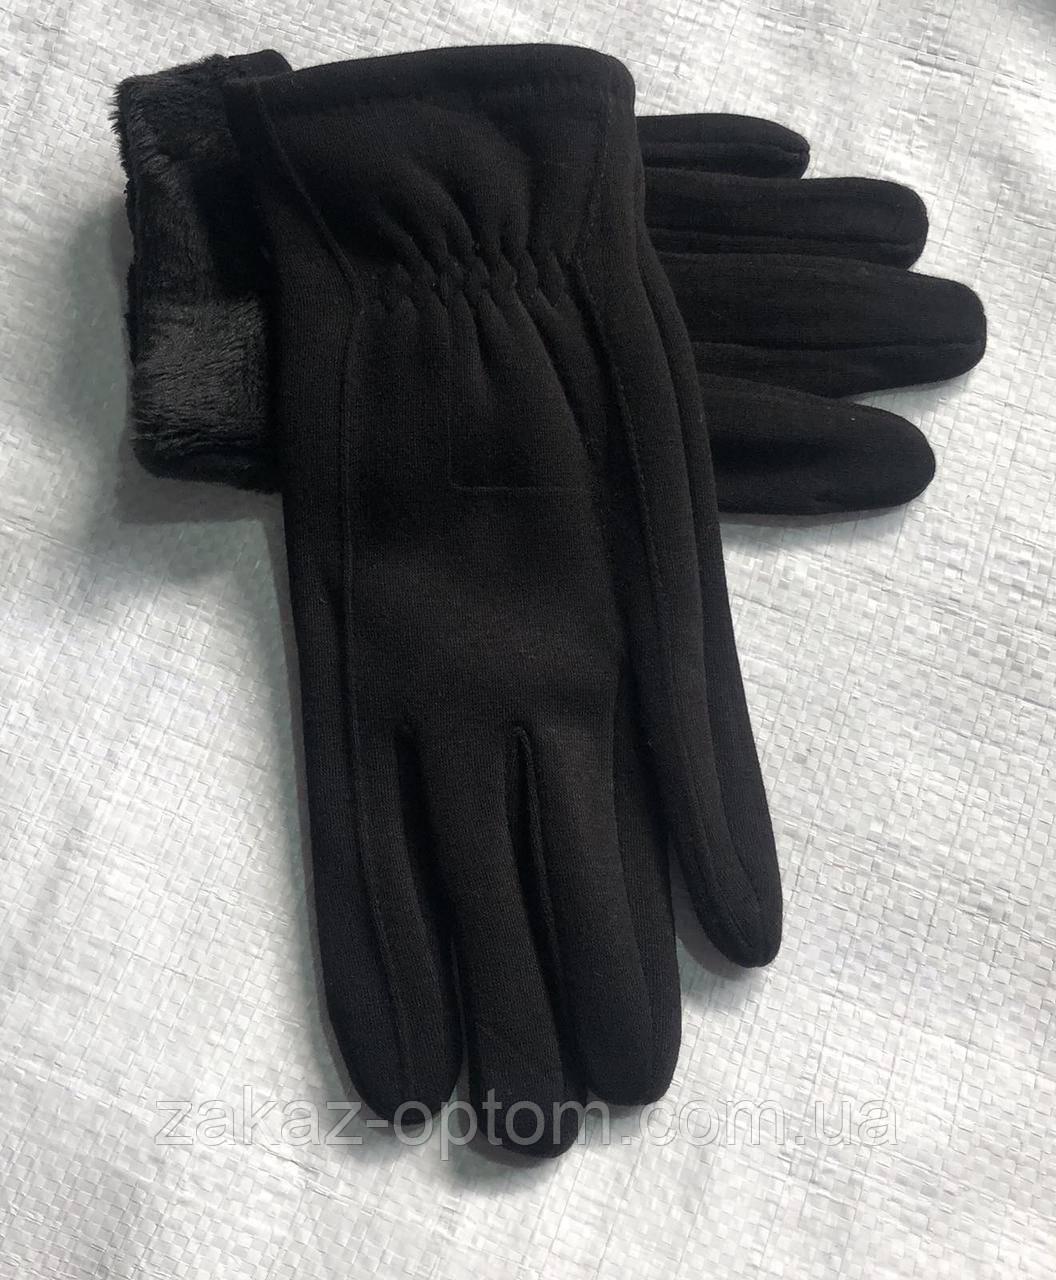 Перчатки мужские оптом внутри начес (10-12)Китай-63091